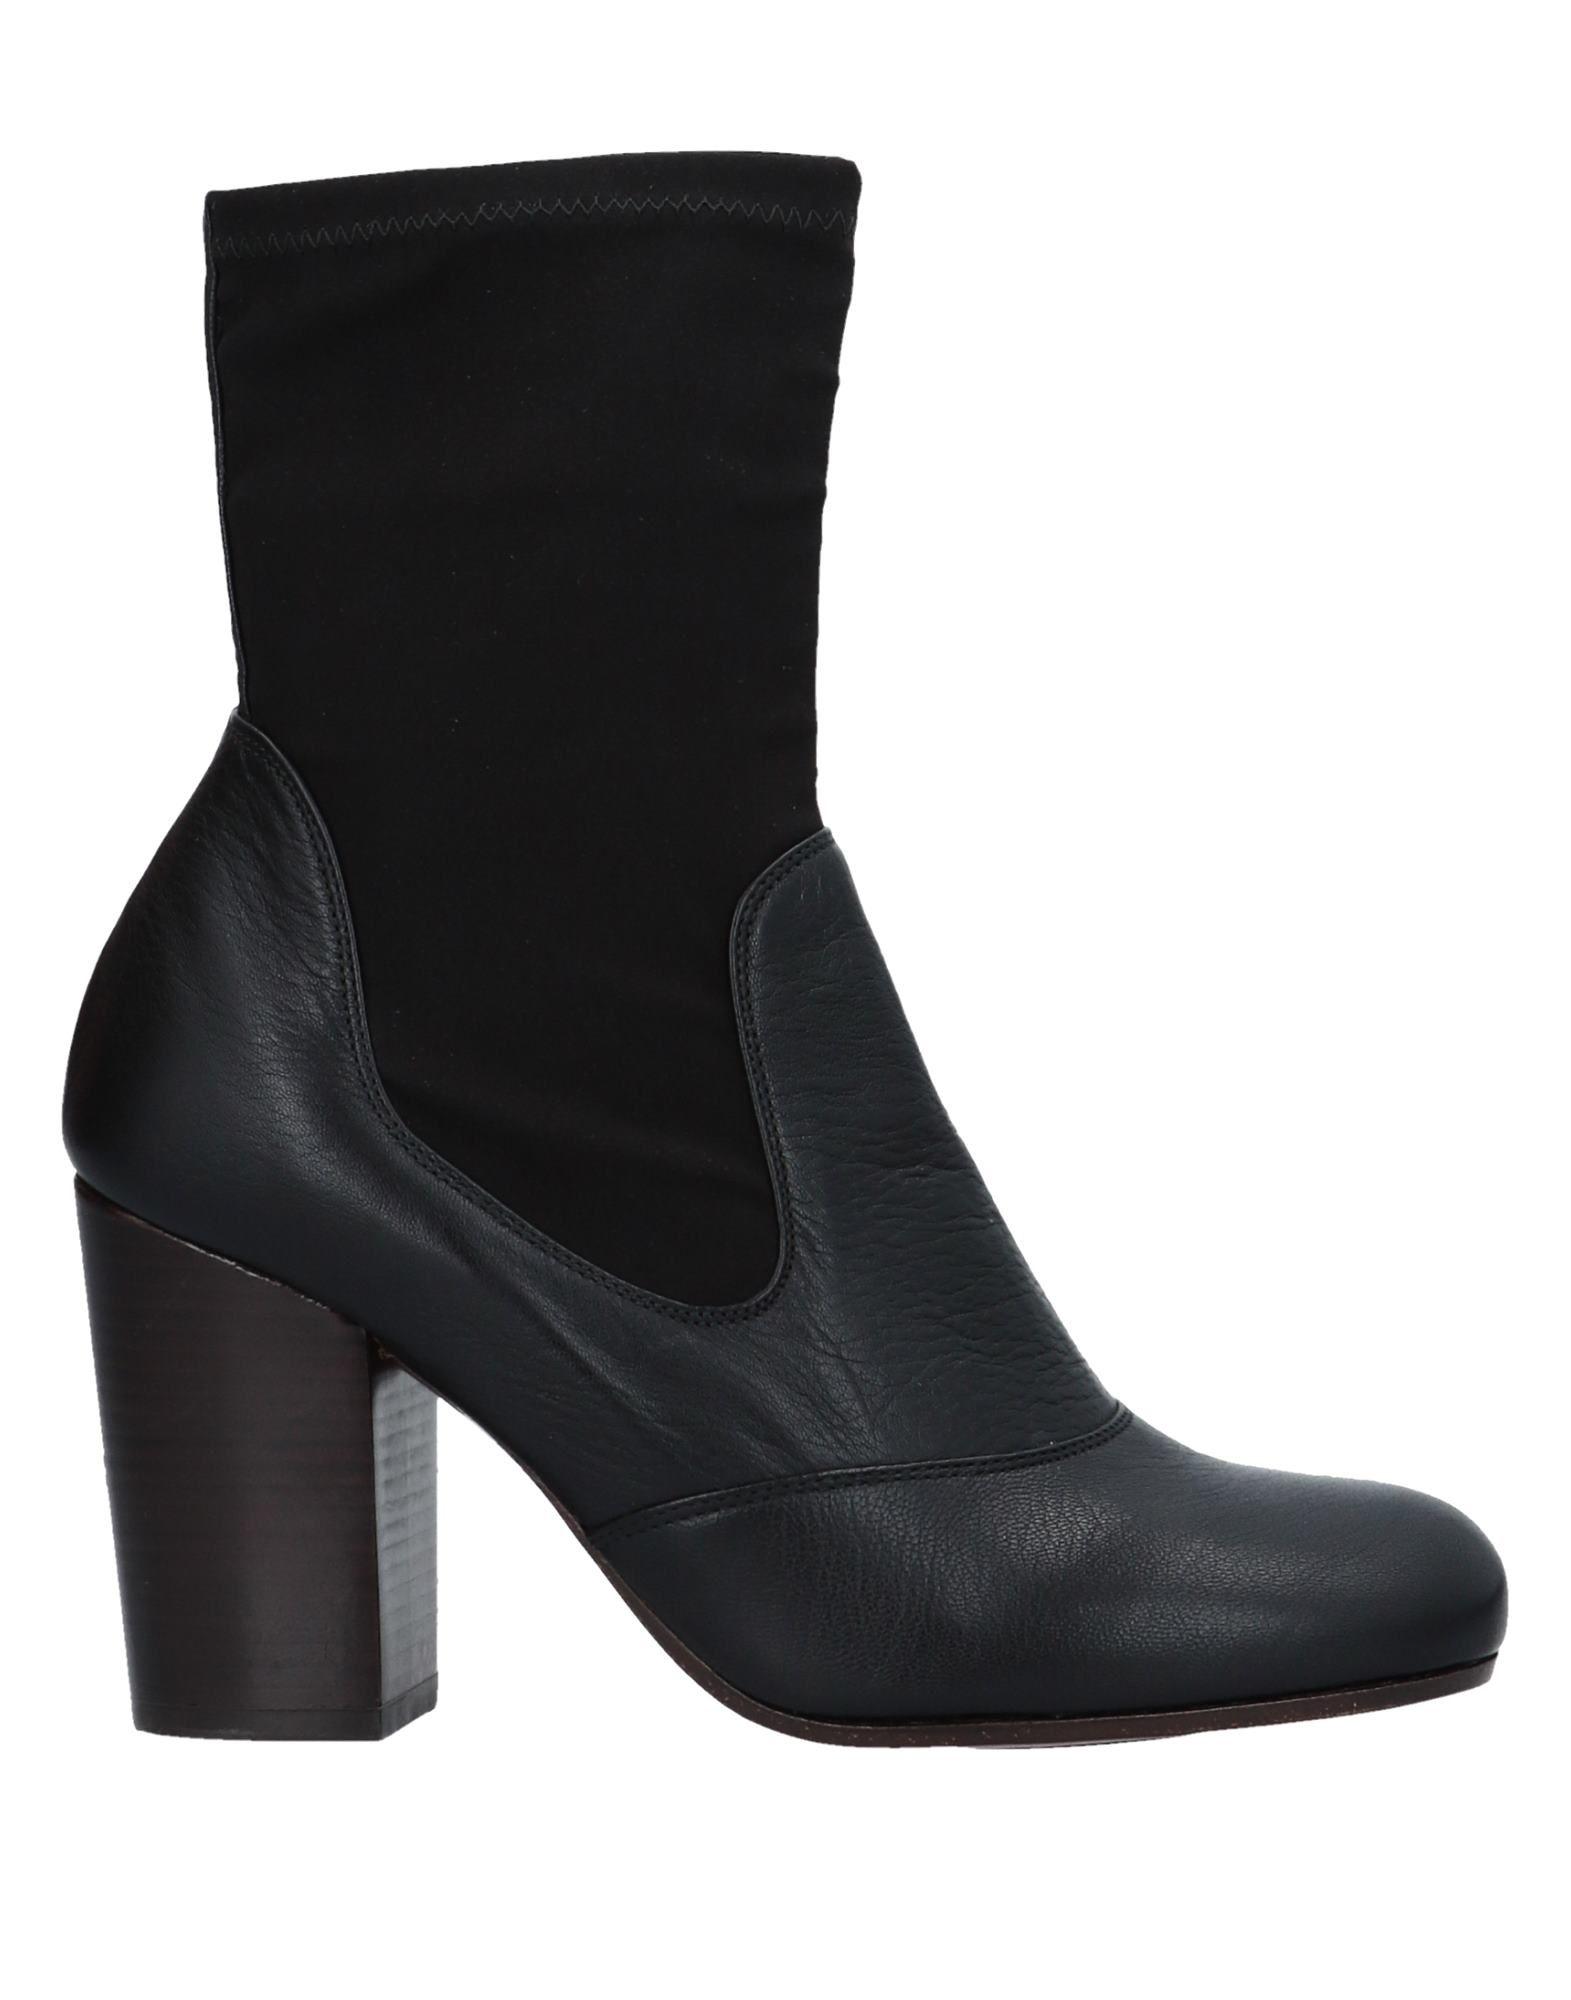 Sneakers Tombolini Uomo - 11469262VC Scarpe economiche e buone